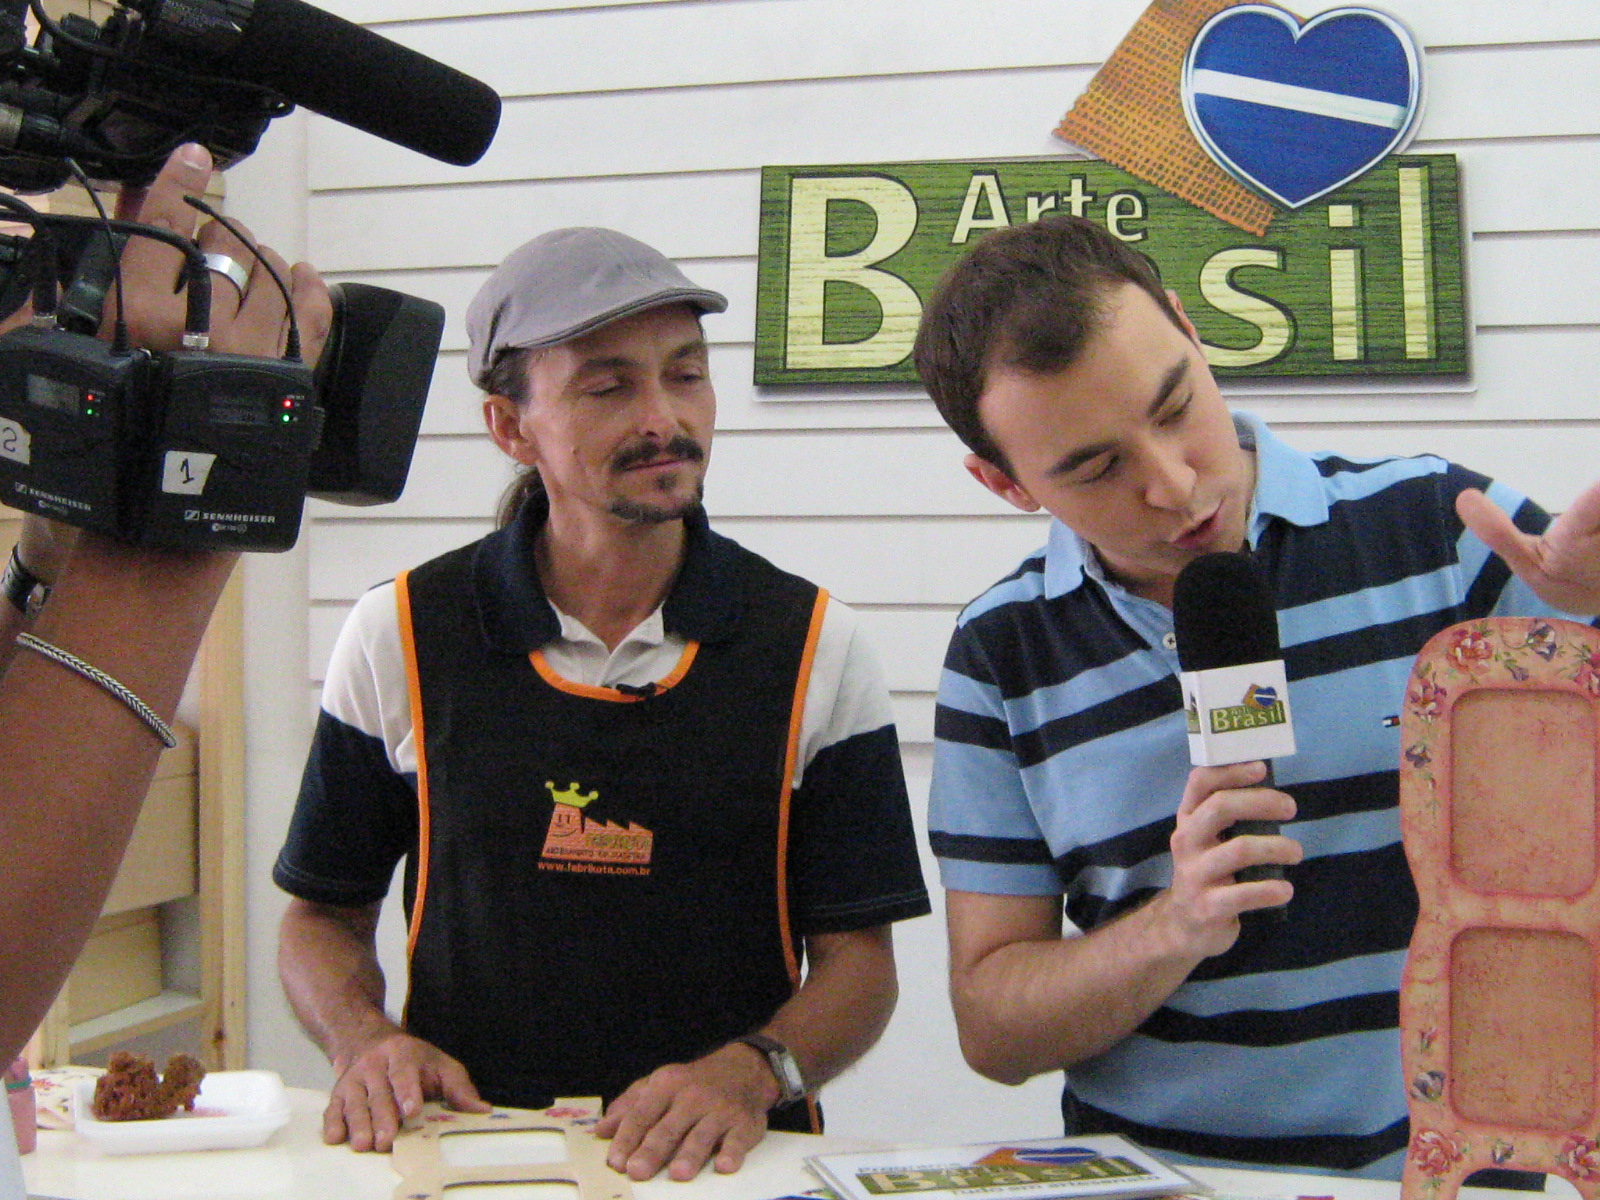 Grava    O Do Programa Arte Brasil Que Vai Ao Ar No Dia 19 04 2010